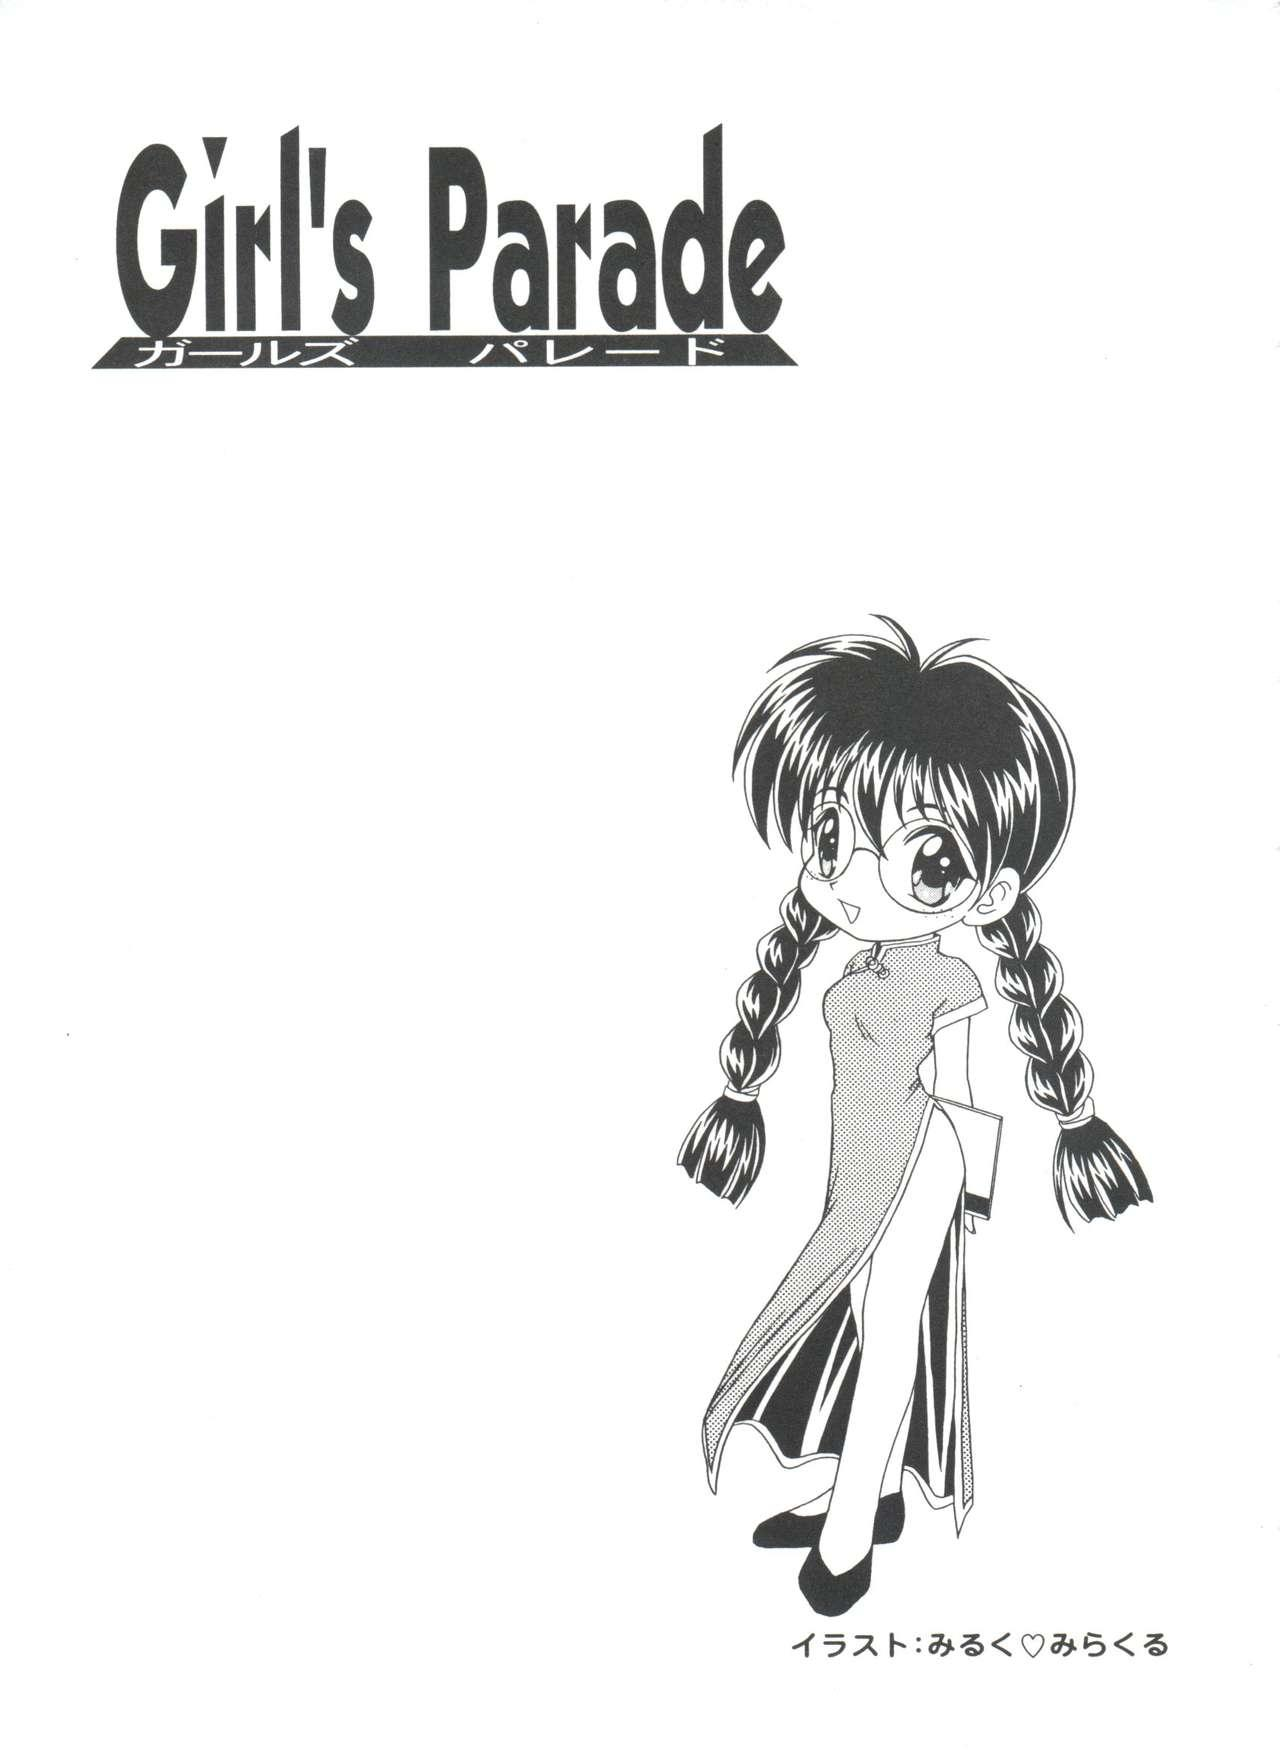 Girl's Parade Scene 4 169